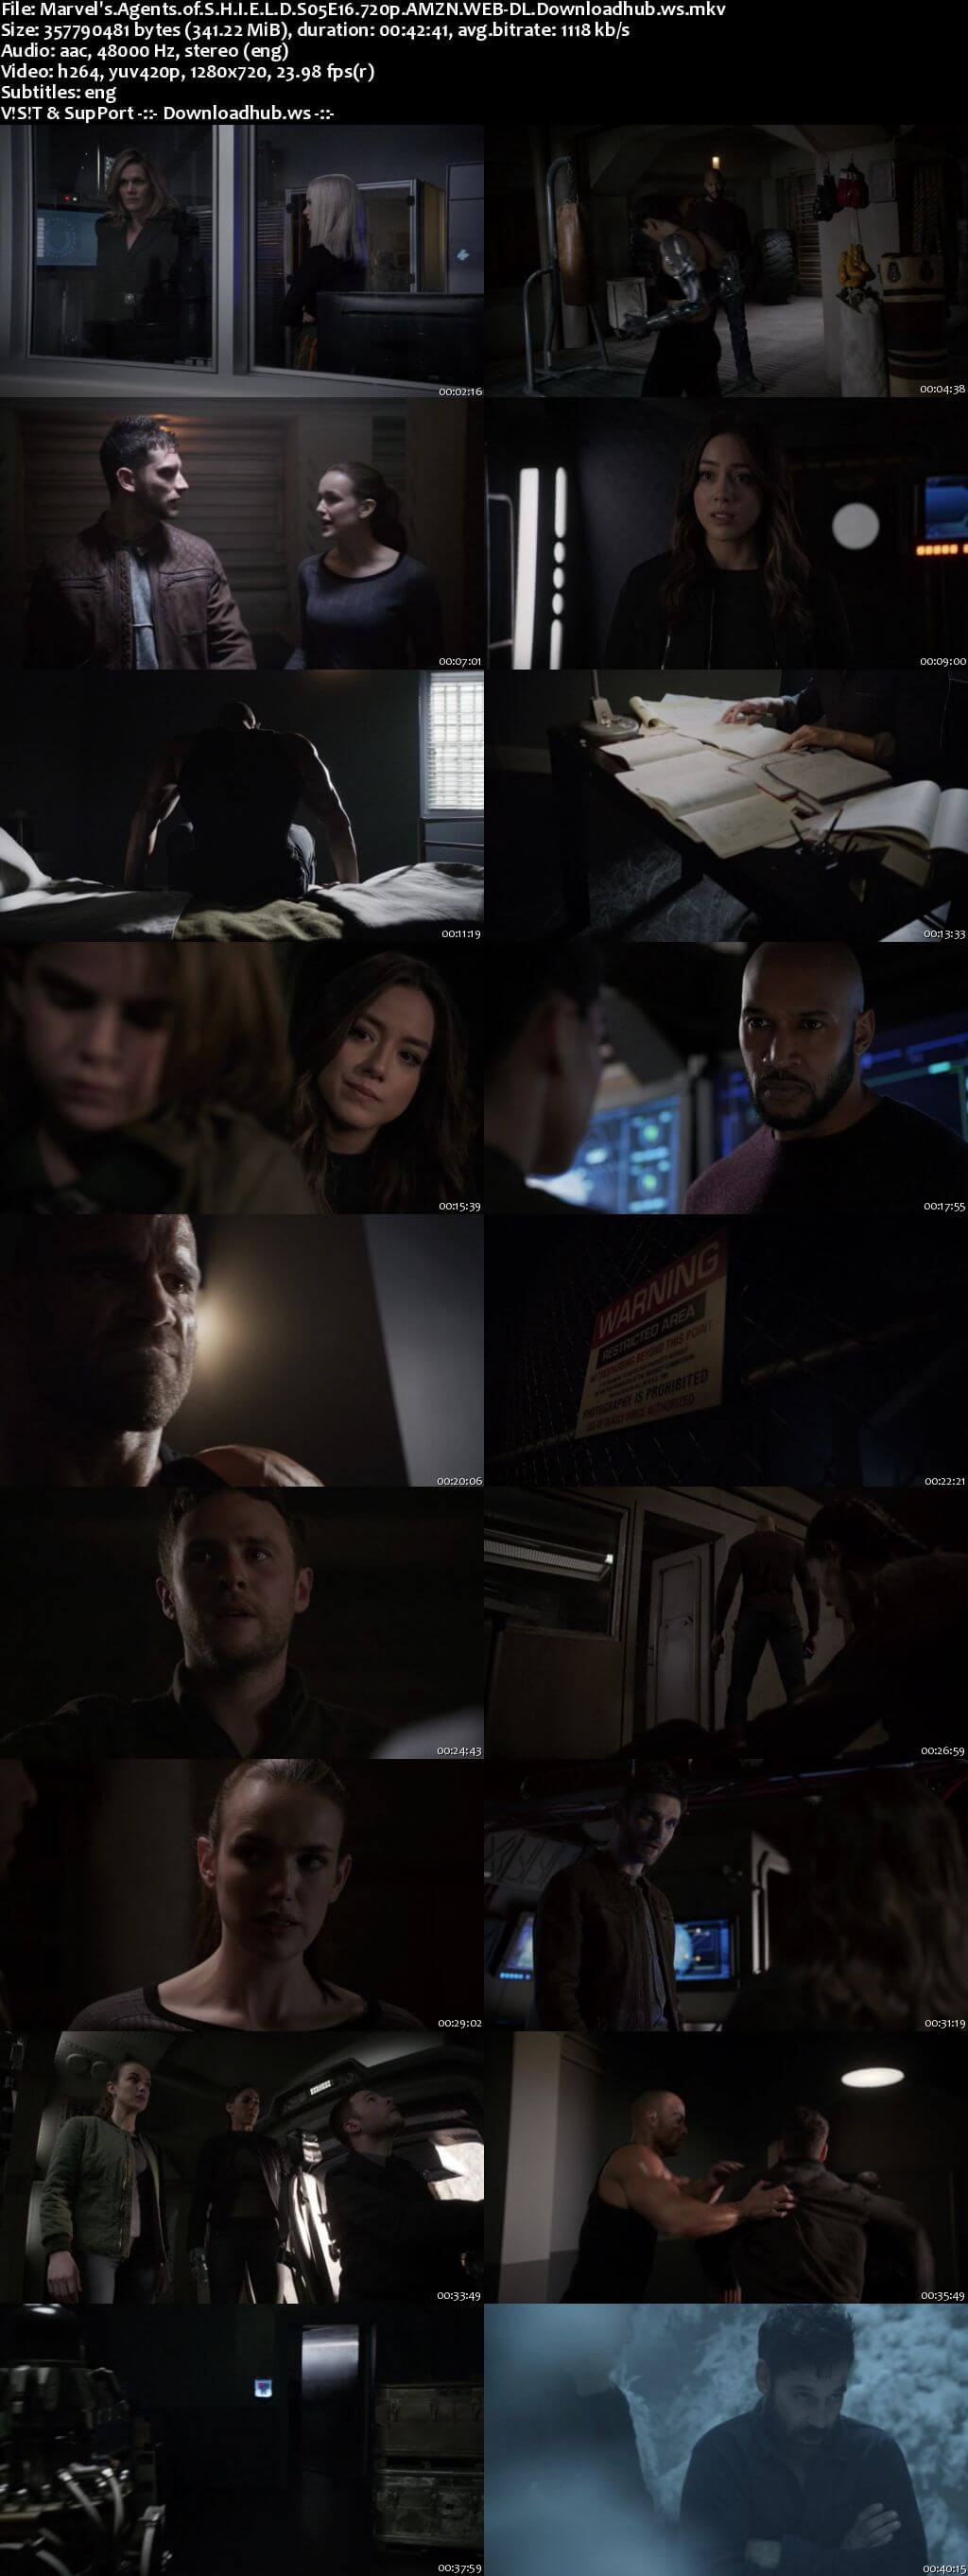 Marvels Agents of S.H.I.E.L.D S05E16 340MB Web-DL 720p x264 ESubs